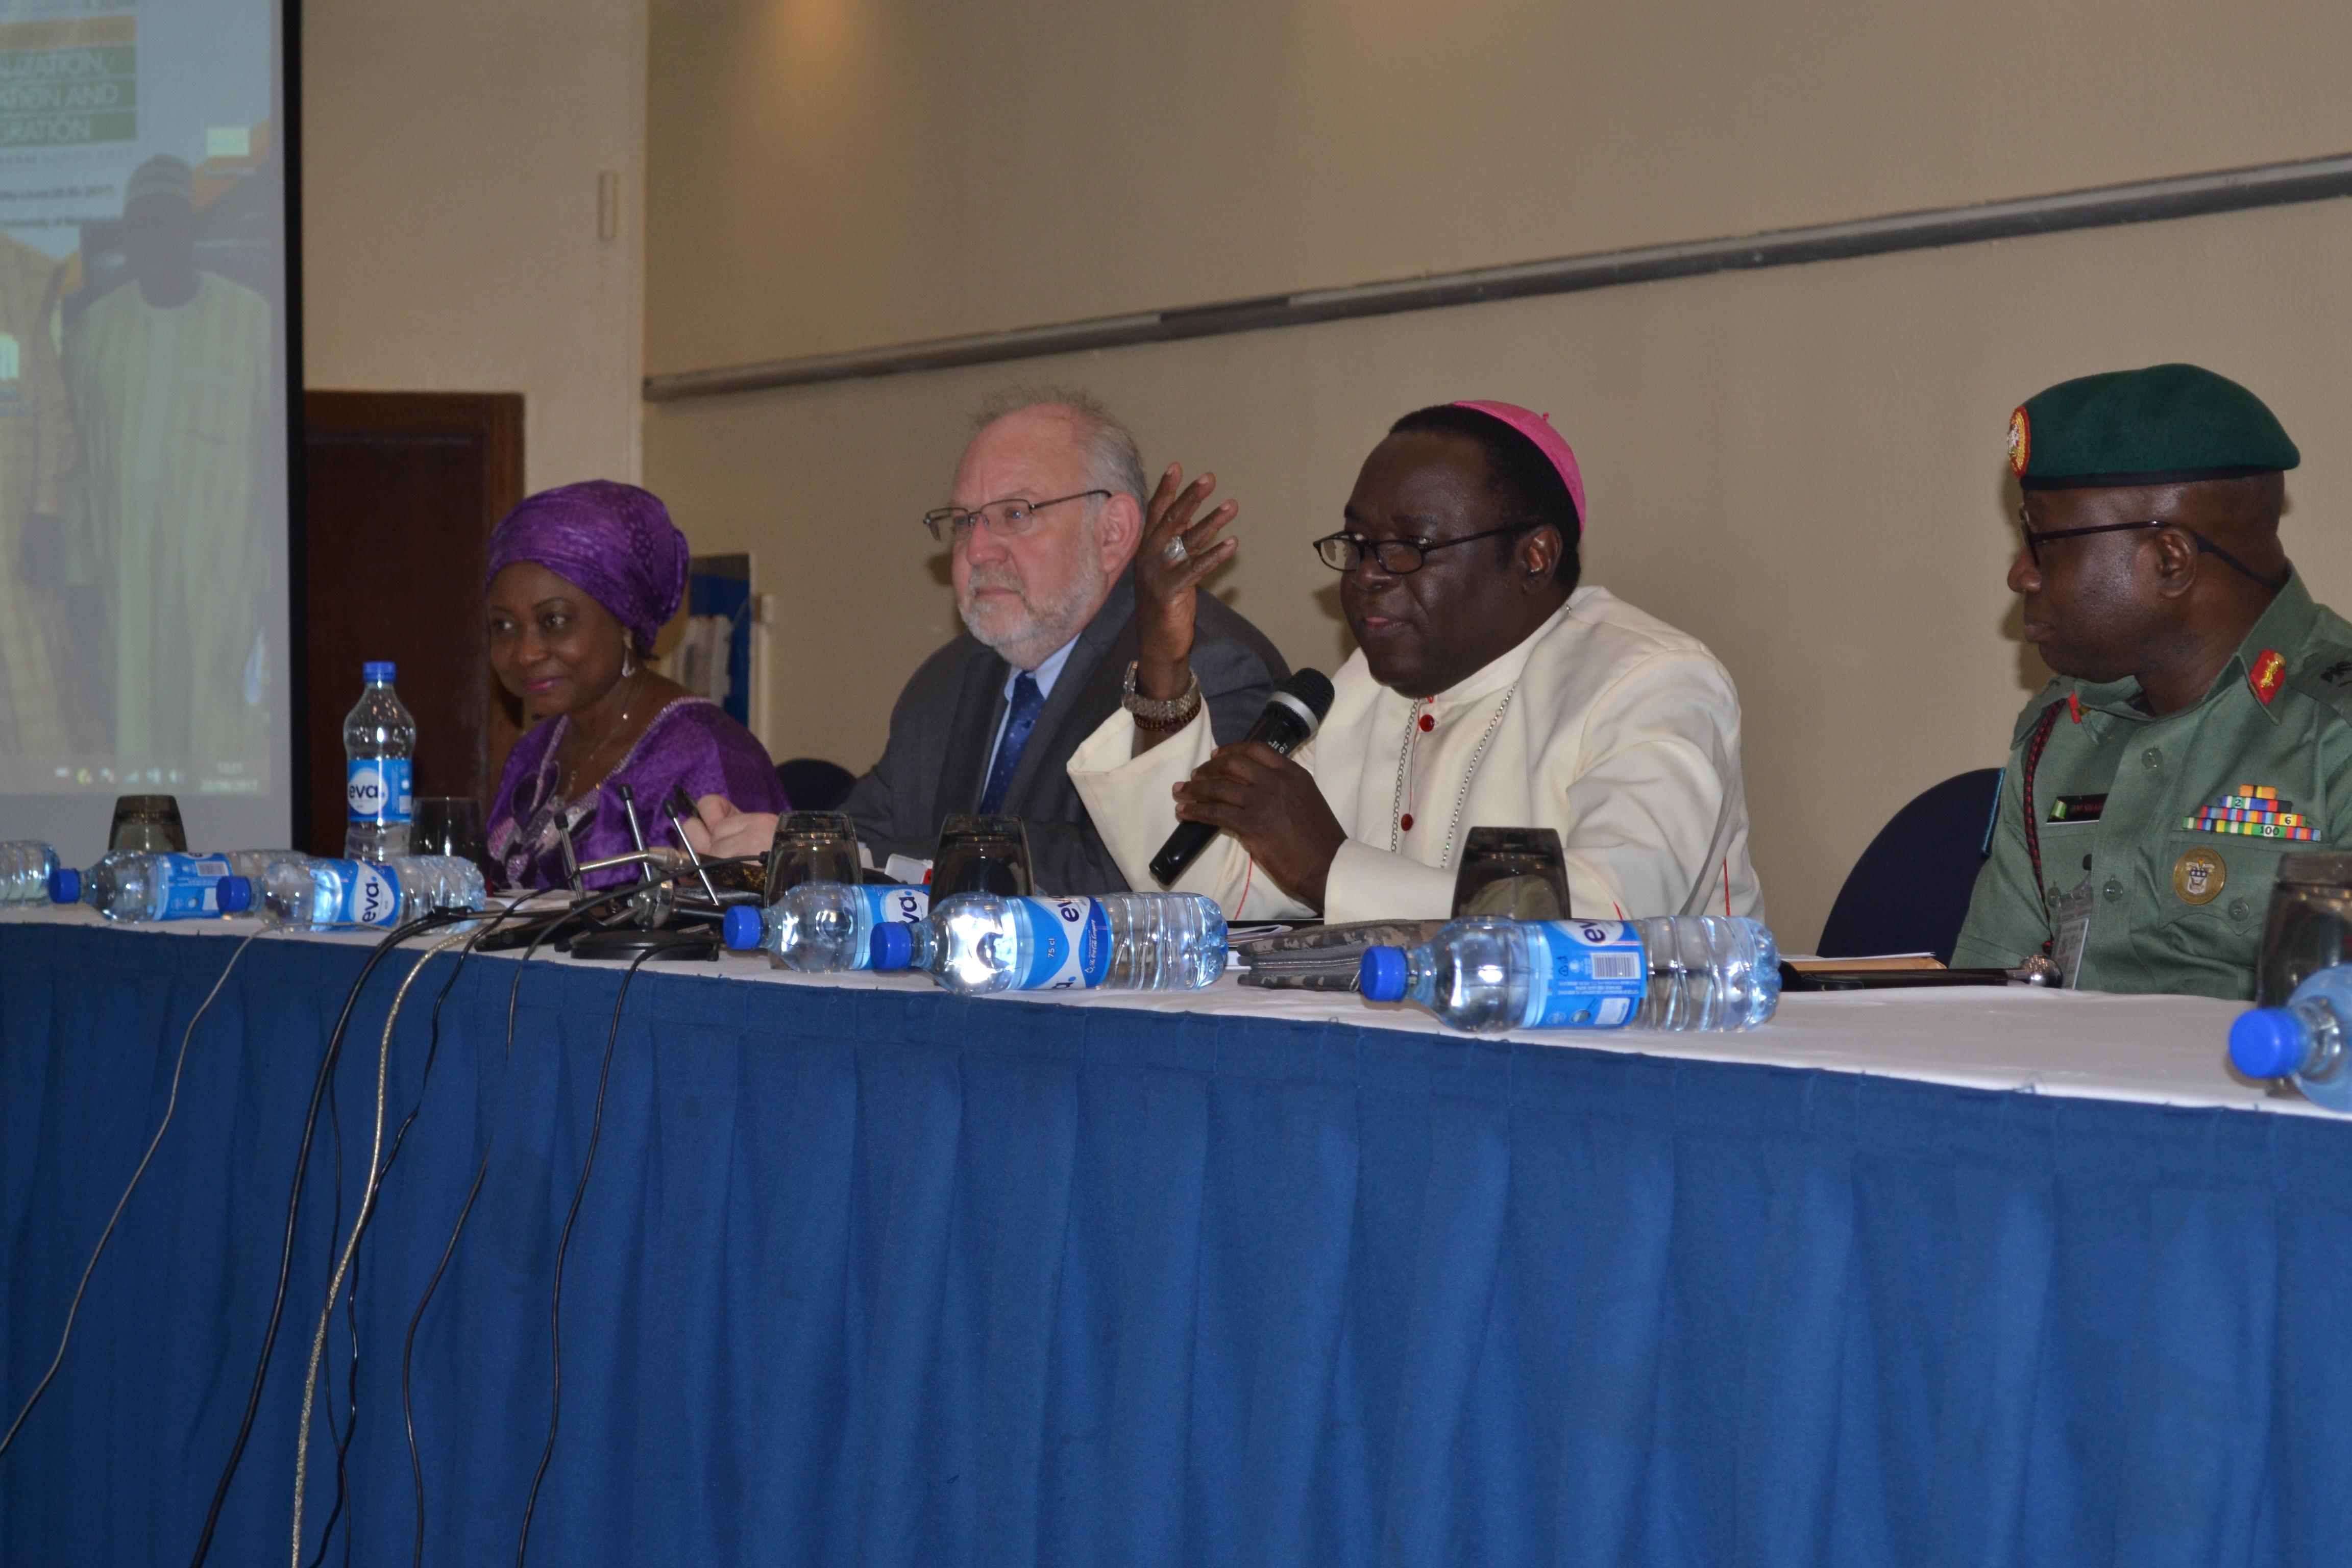 Nigerian govt promises to de-radicalise repentant Boko Haram members